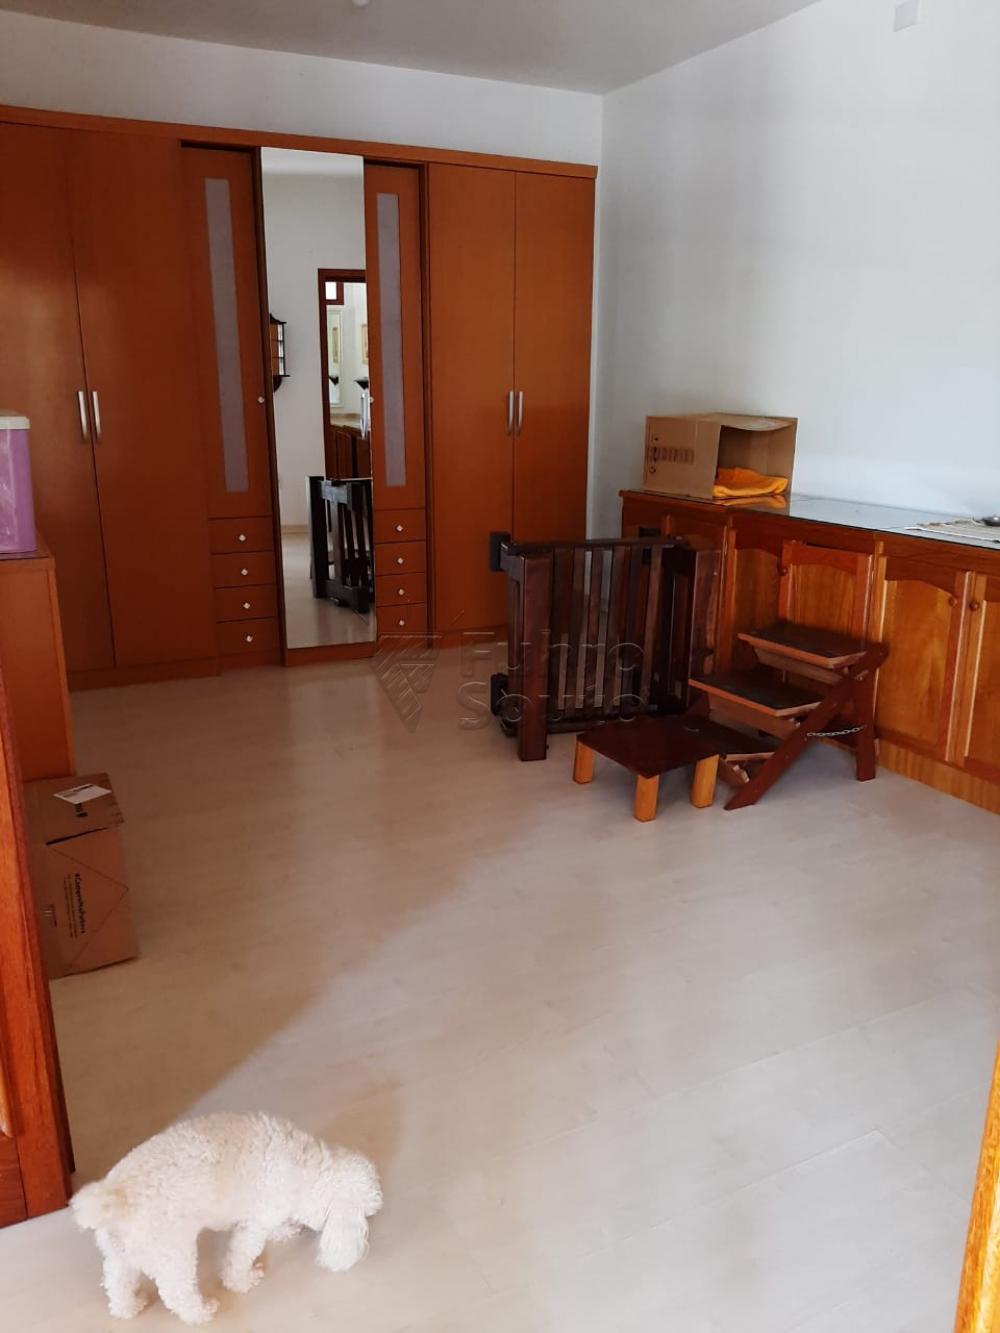 Comprar Casa / Padrão em Pelotas R$ 1.200.000,00 - Foto 10